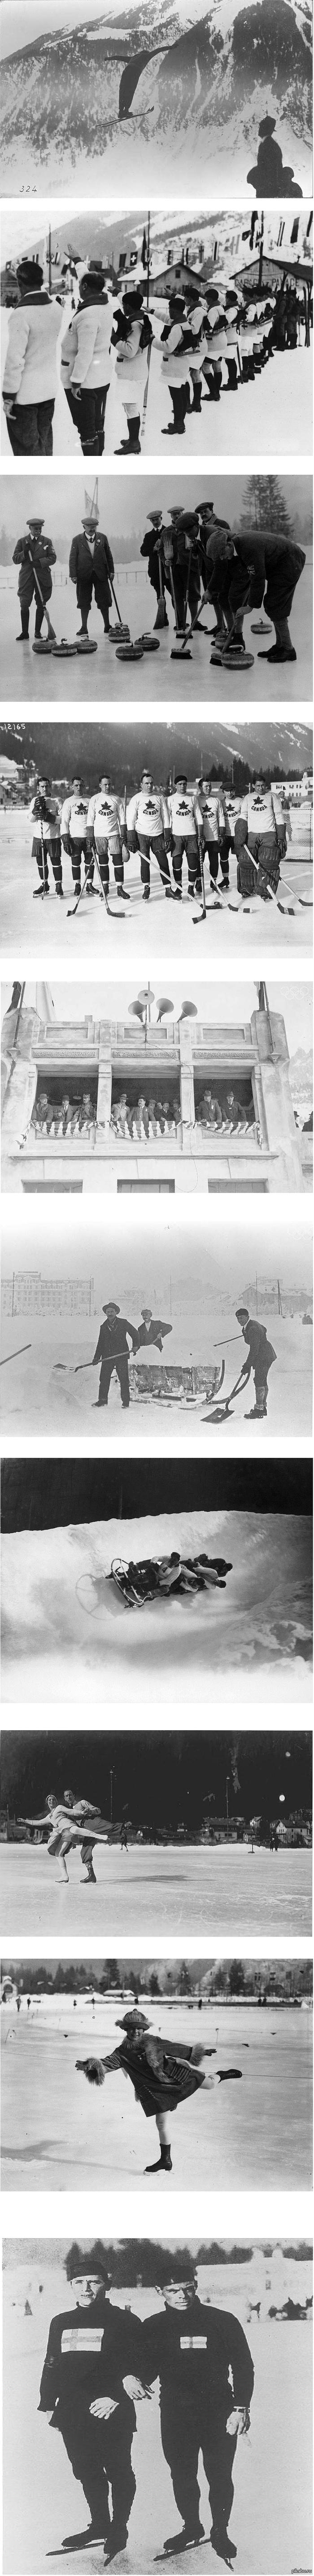 Первые зимние Олимпийские игры Первая зимняя Олимпиада состоялась в 1924 году в Шамони, Франция. Всего на играх принимали участие 16 стран. Было разыграно 16 комплектов наград.